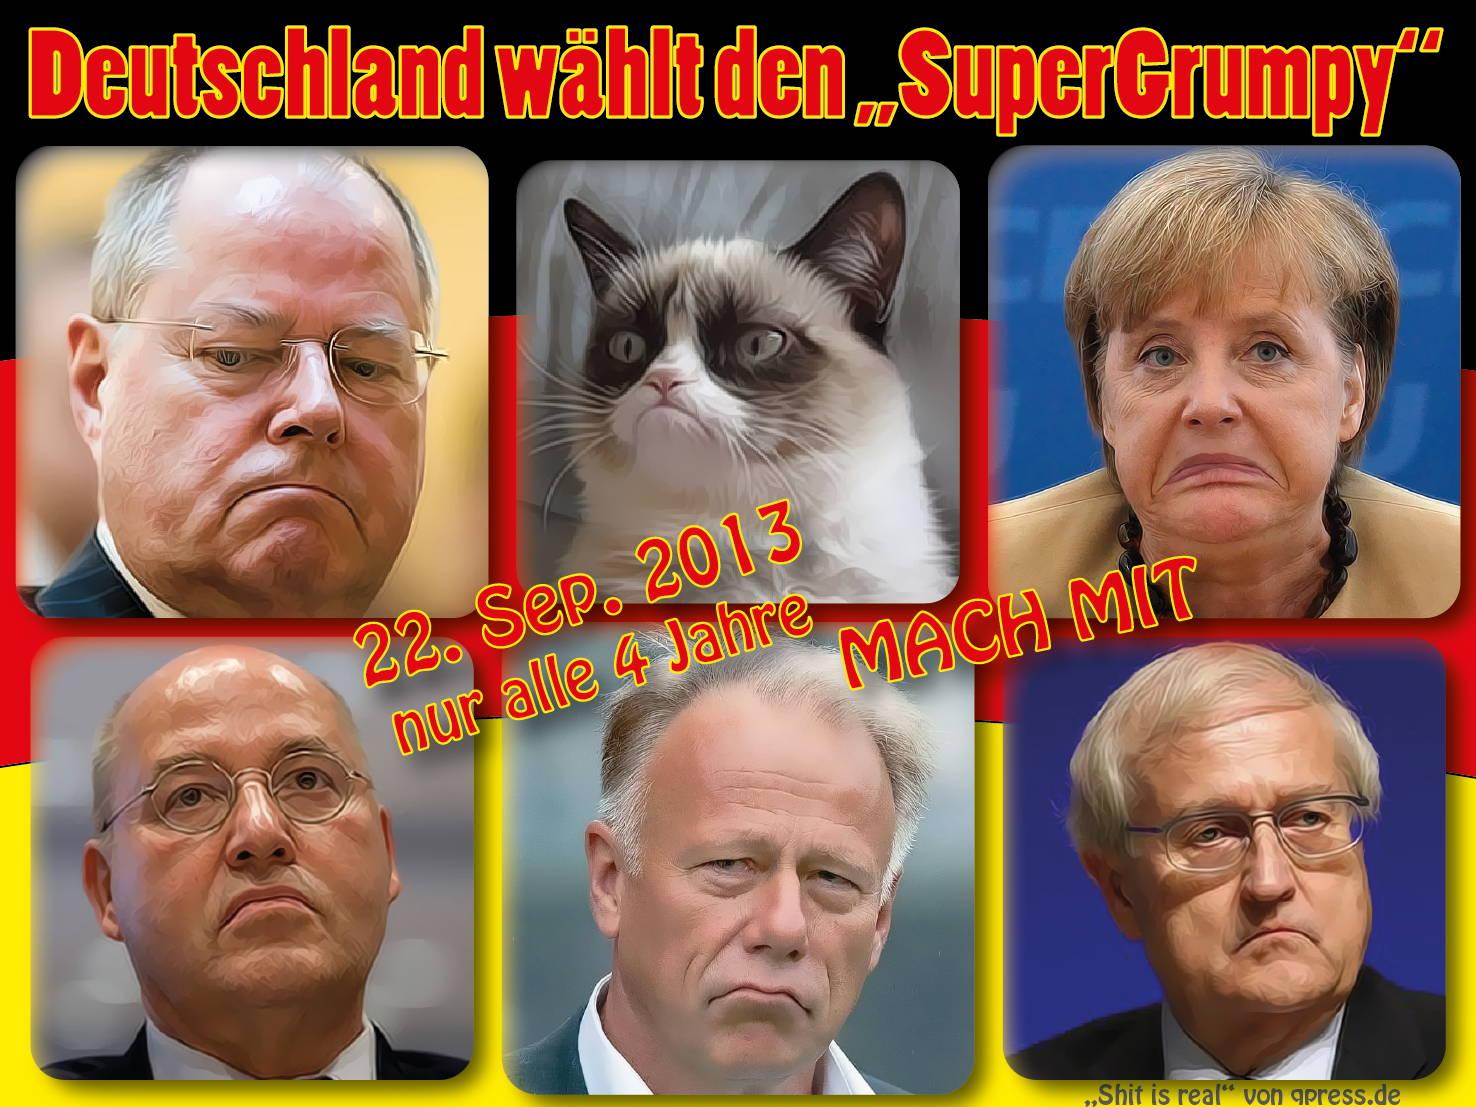 Überlebende der Wahl in Bayern berichten dsds_2013_btw_Bundestagswahl_grumpy_deutschland_sucht_den_supergrumpy_merkel_steinbrueck_gysi_trittin_bruederle_parteien_wahlzirkus